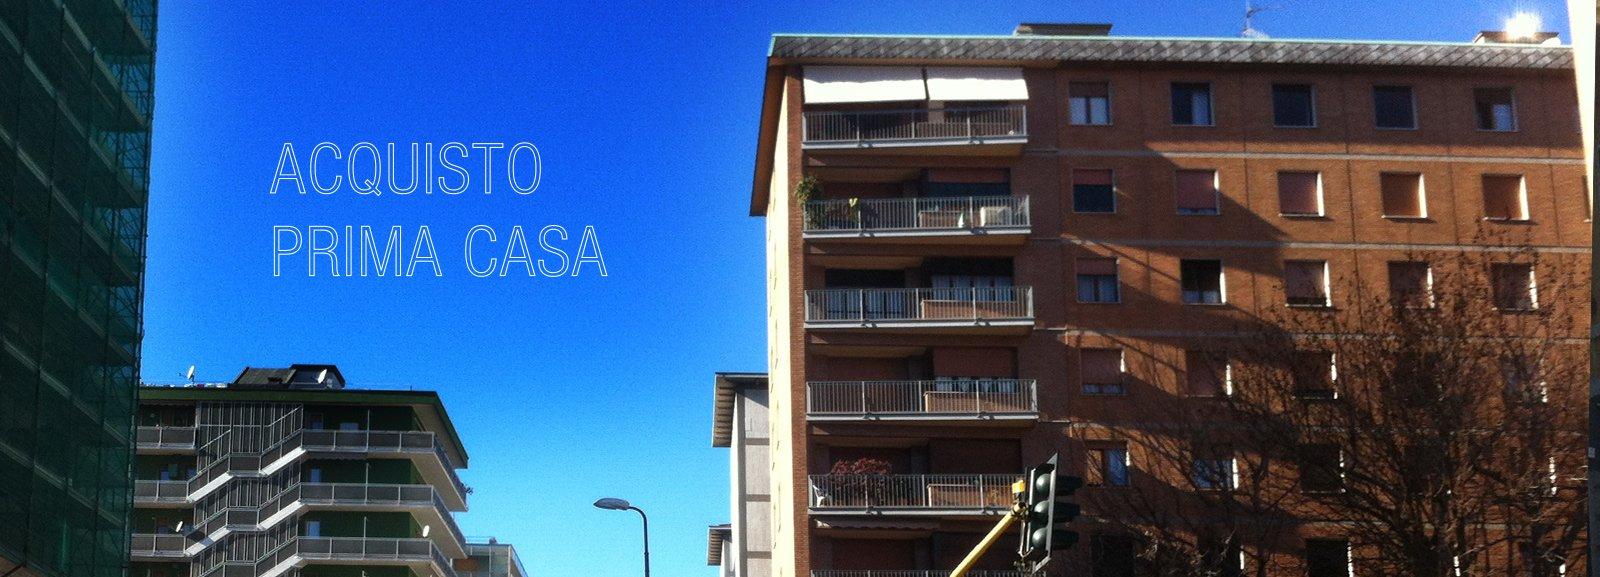 Agevolazione acquisto prima casa le novit 2014 cose - Acquisto prima casa tasse ...